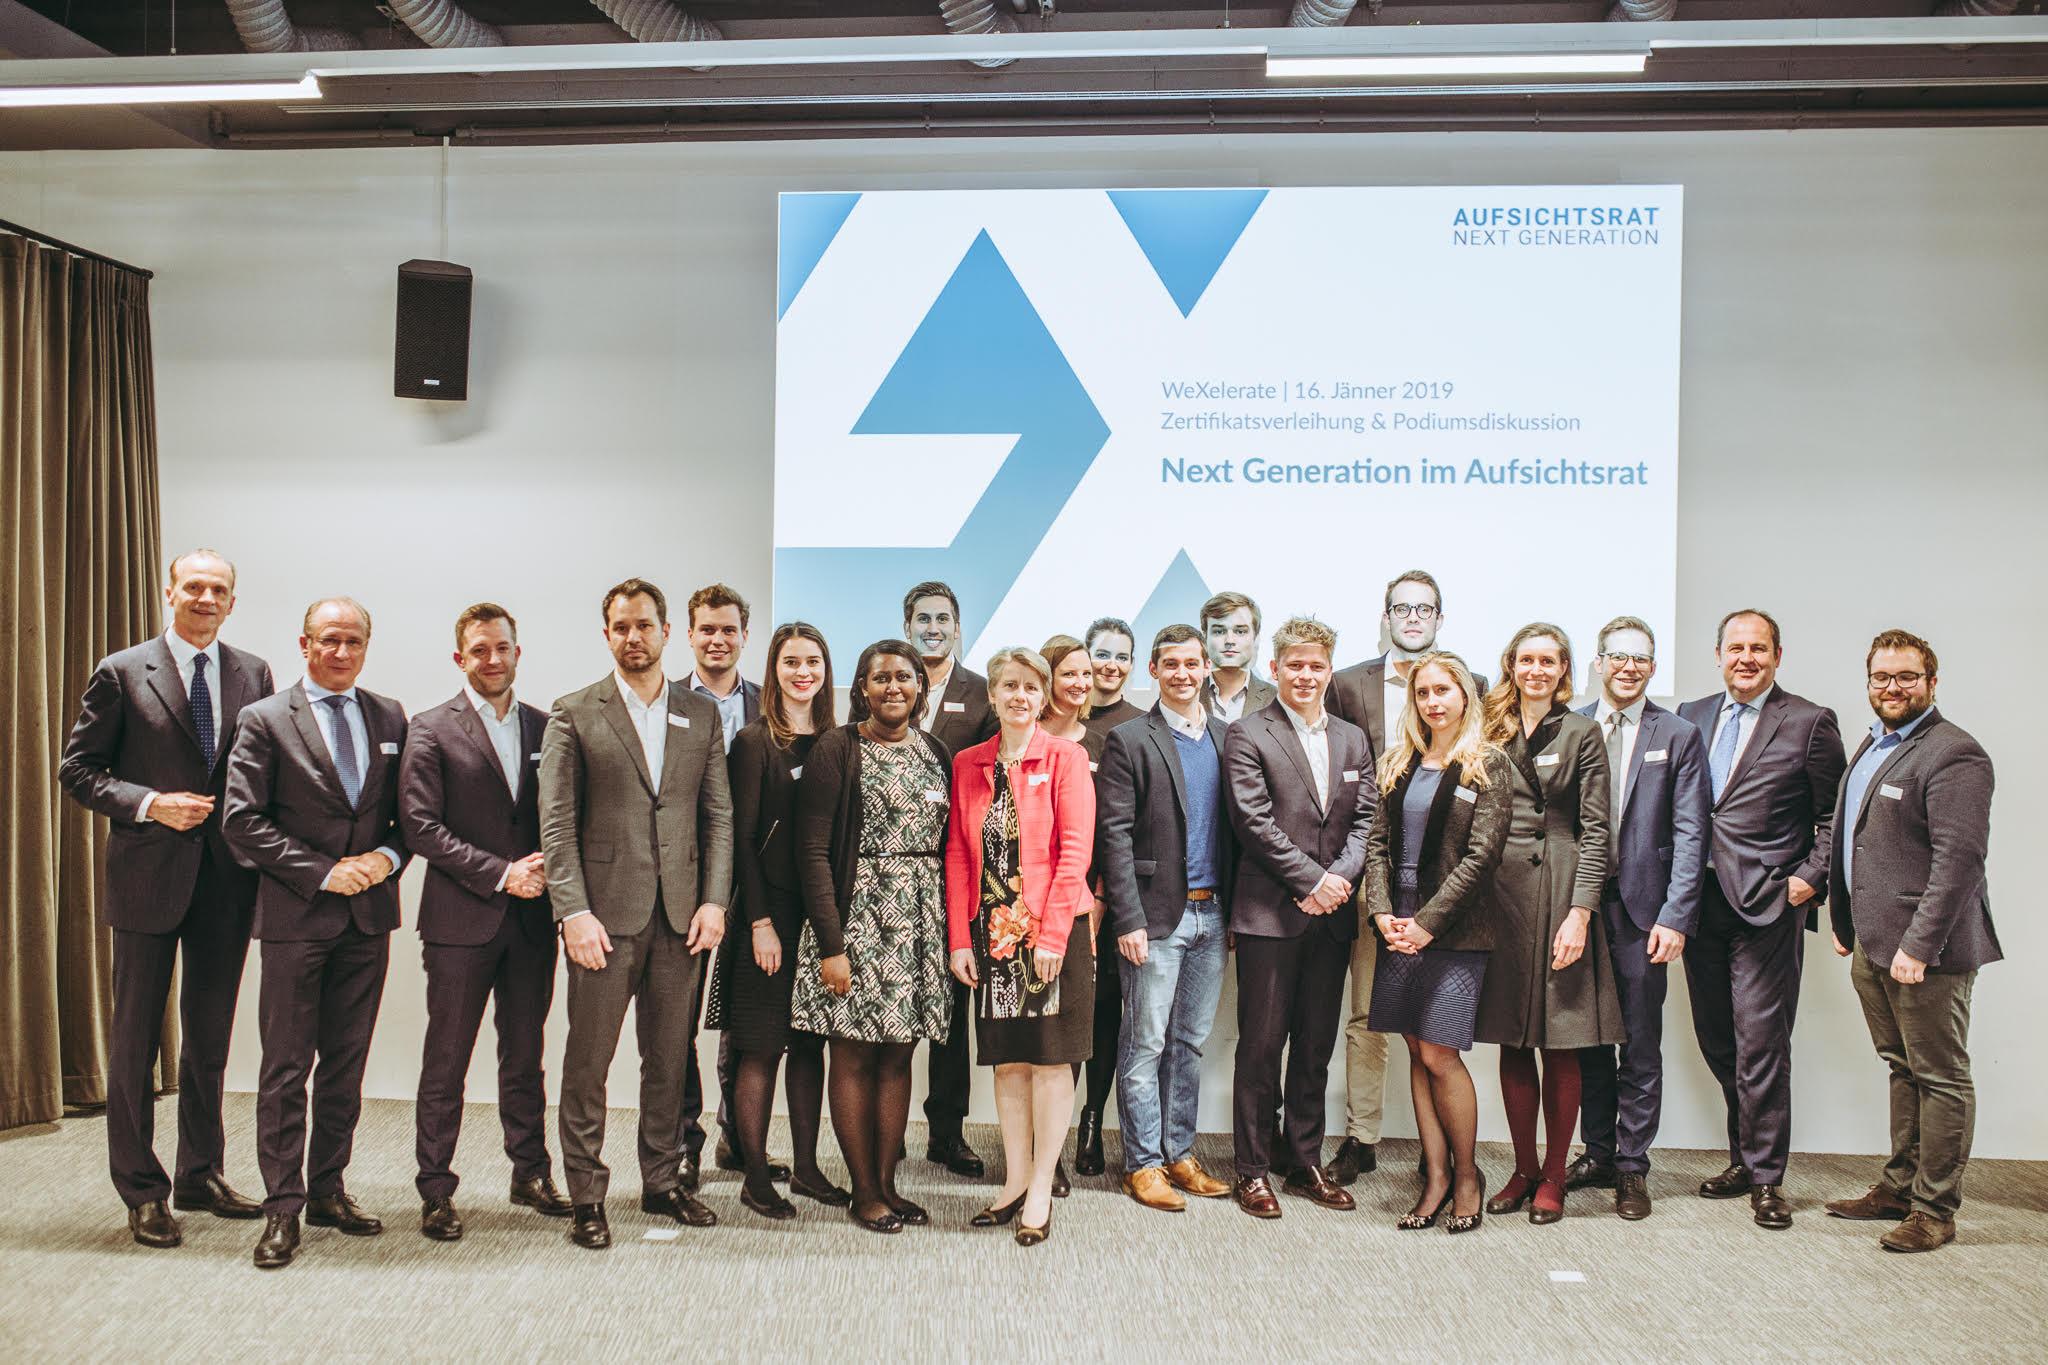 Aufsichtsrat Next Generation: Die AbsolventInnen des ersten Durchgangs und Gäste bei der Abschlussveranstaltung